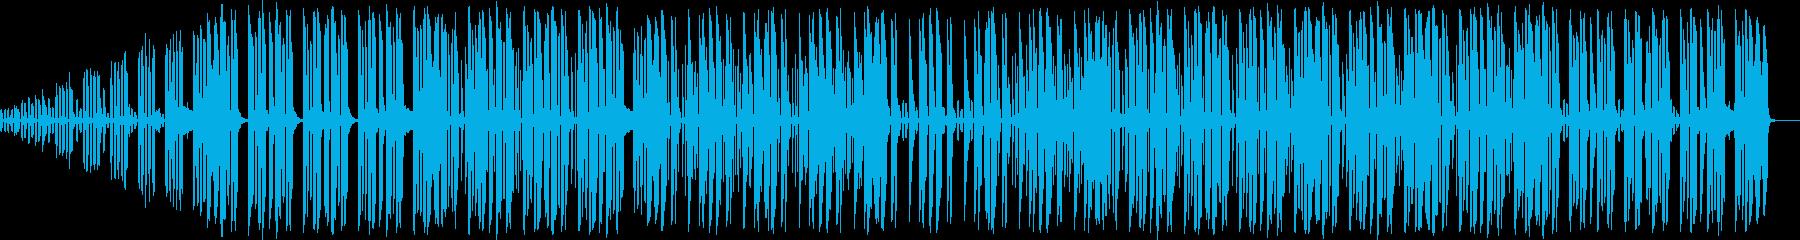 トラップ ヒップホップ R&B 神...の再生済みの波形